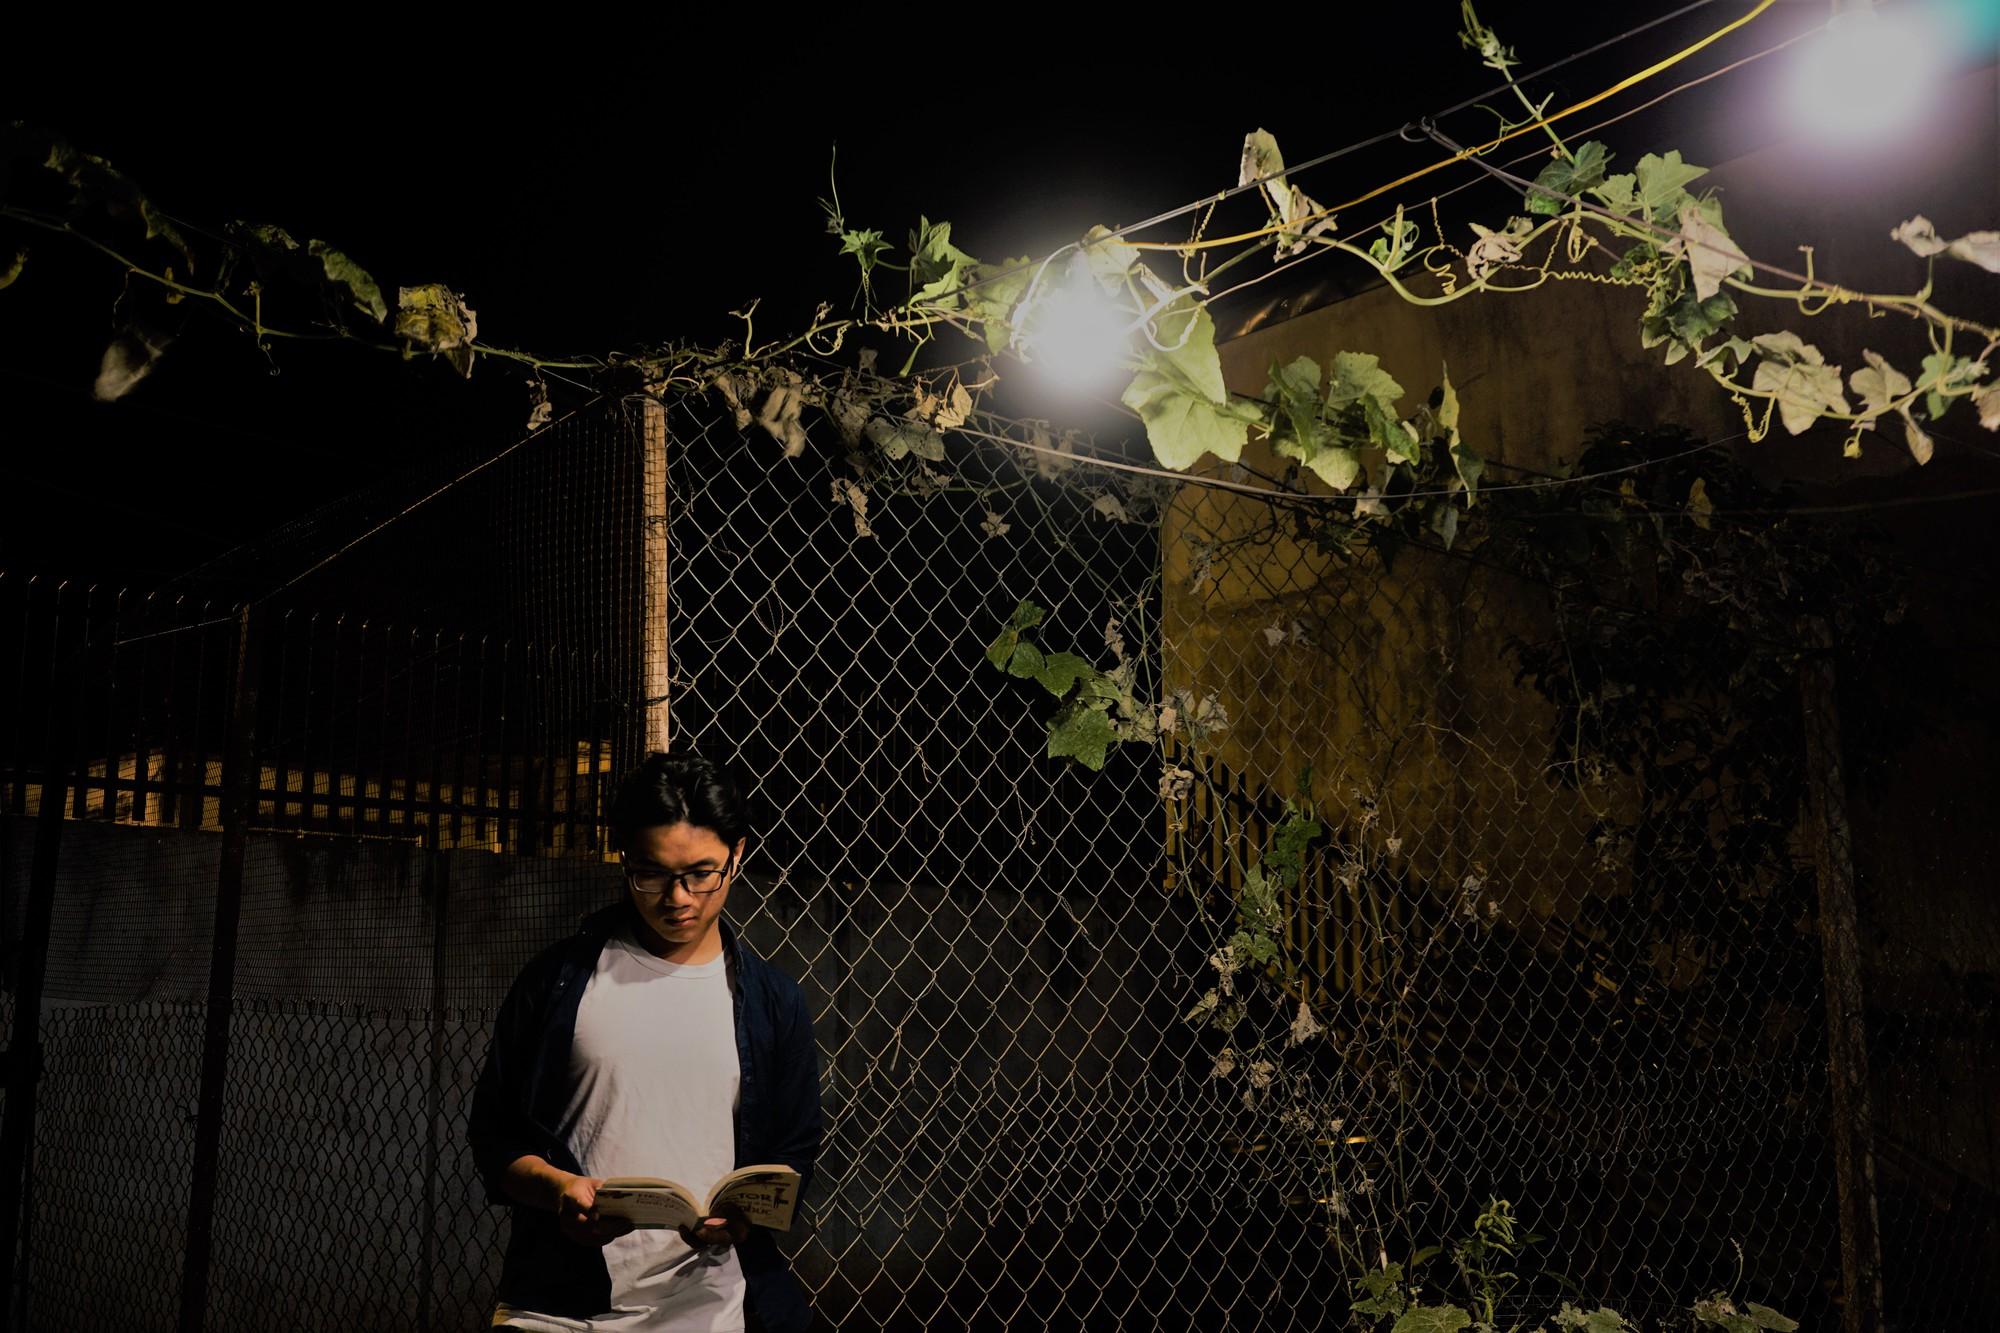 9x Gia Lai nổi tiếng khi biến các tác phẩm Ngữ văn thành rap: Từng nhờ rap mà bỏ được game - Ảnh 8.